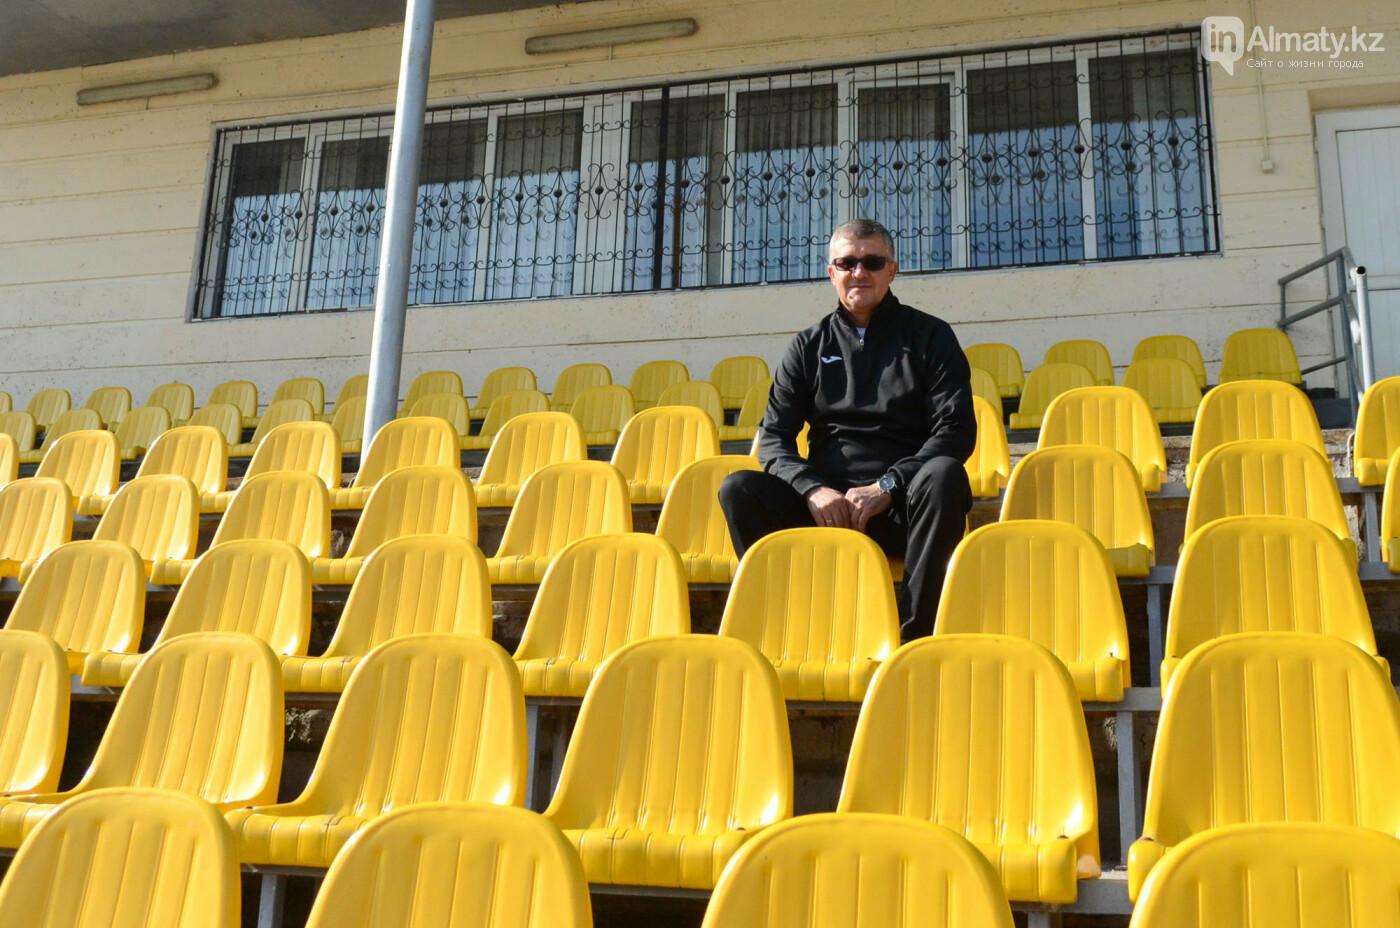 Ветеран алматинского клуба и олимпийский чемпион рассказал о славных годах казахстанского футбола, фото-3